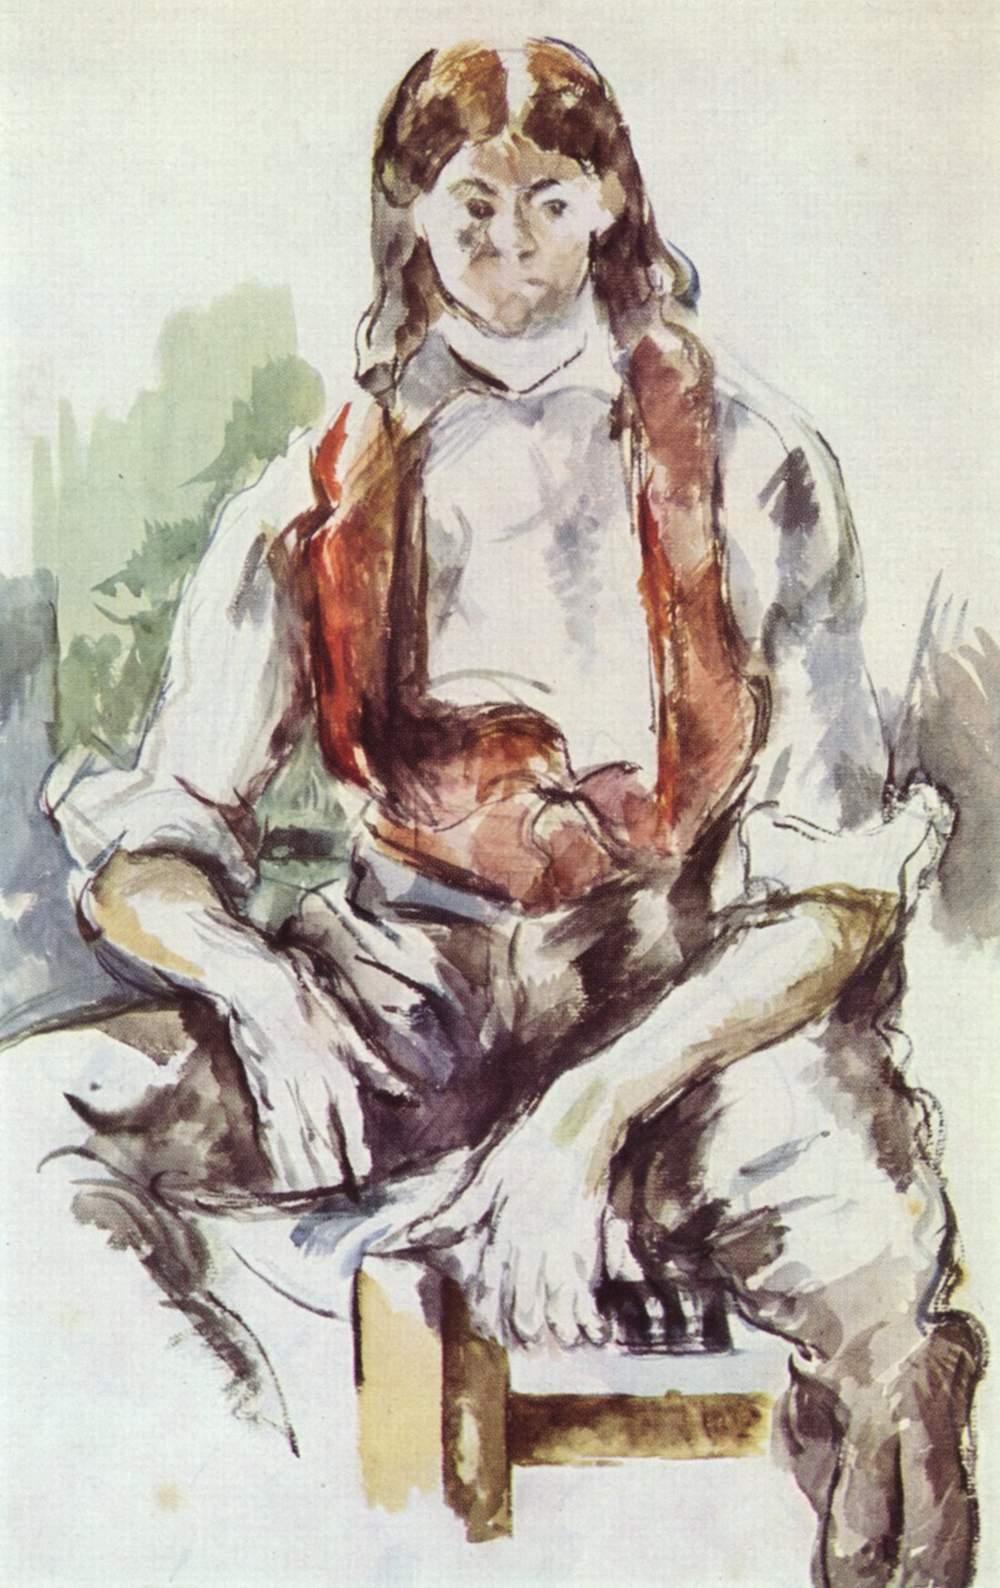 Garcon au gilet rouge, par Paul Cezanne, aquarelle, Yorck.jpg